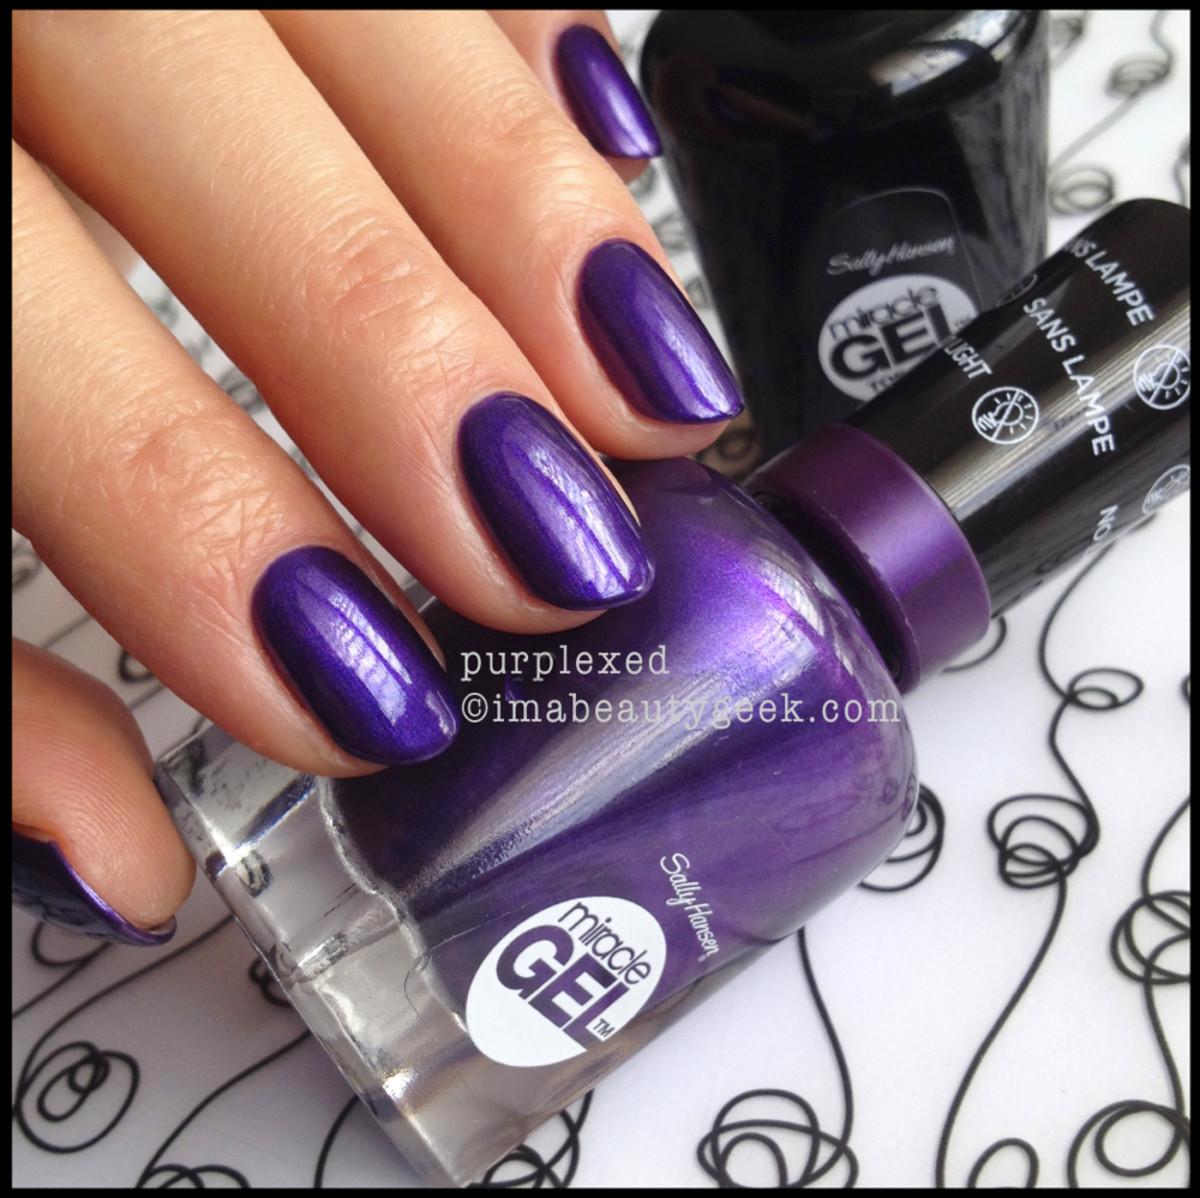 sally hansen purplexed